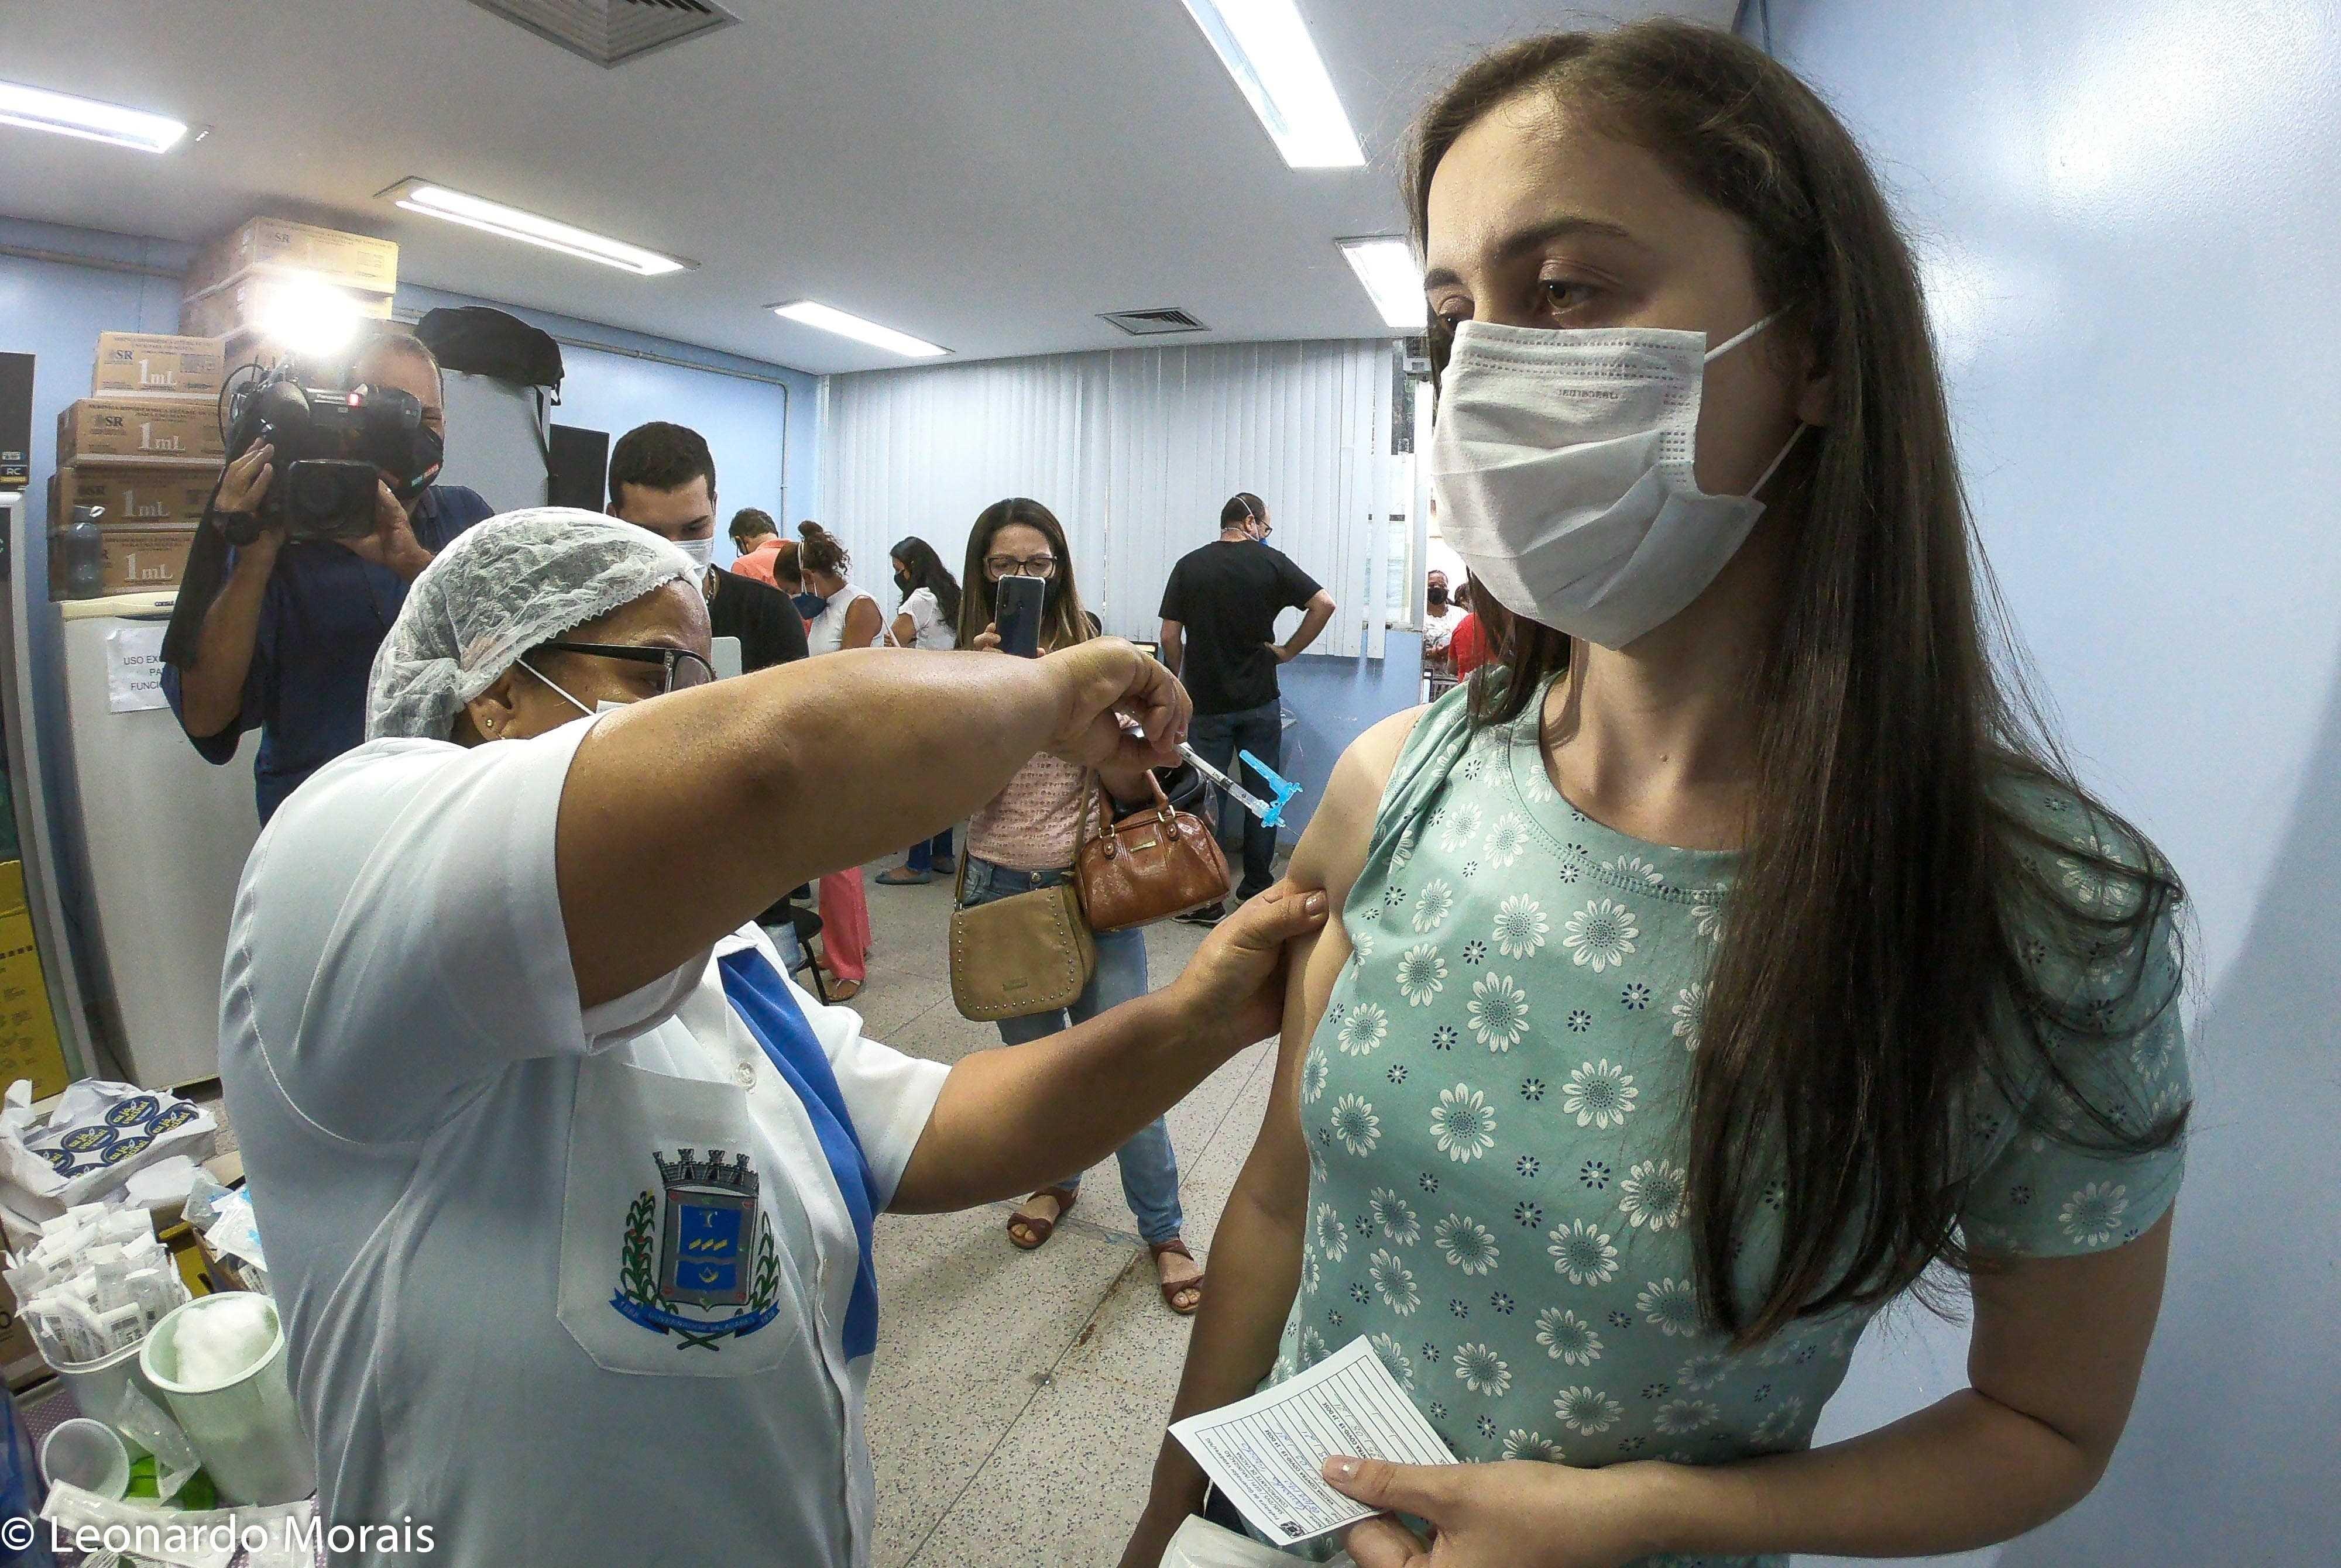 Prefeitura de Governador Valadares divulga programação de imunização contra a Covid-19 para esta terça, 22